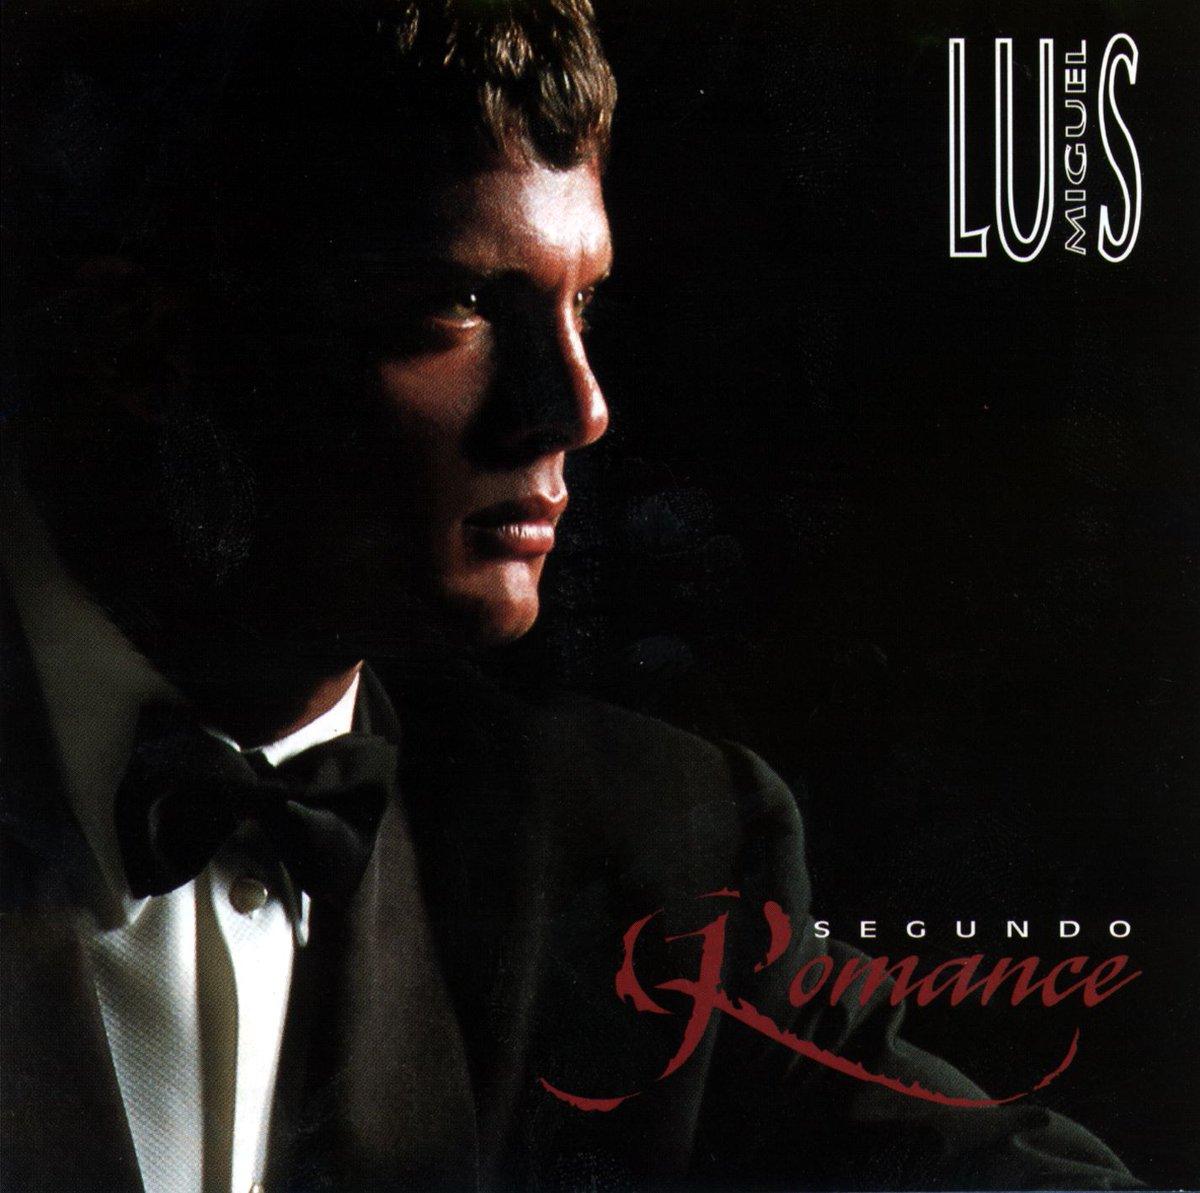 """en 1994 sale a la venta el disco """"Segundo romance"""" del cantante Luis Miguel @LMXLM https://t.co/OJaacoQY22"""